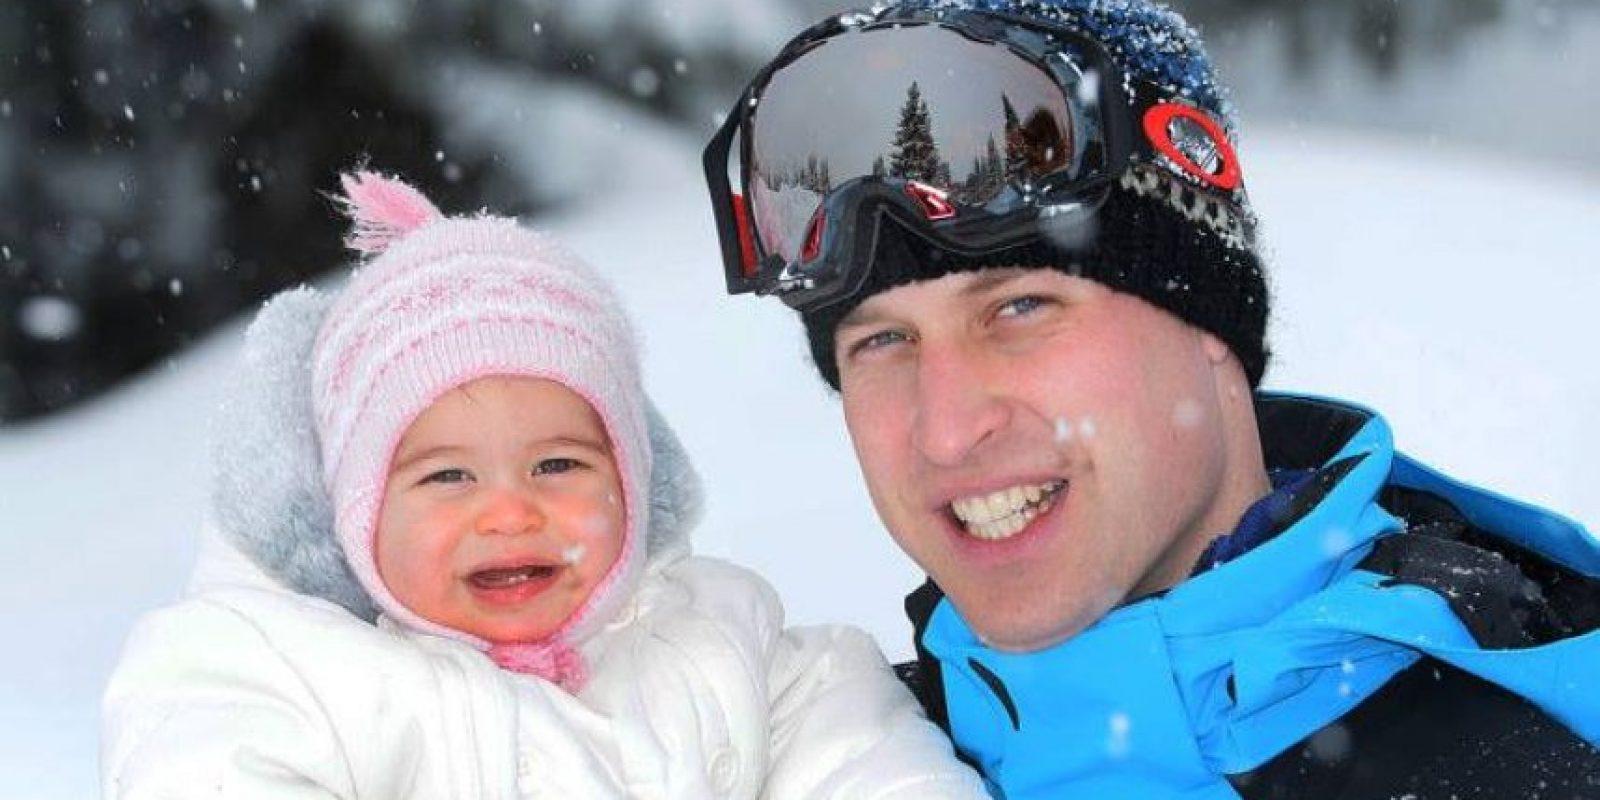 La princesa Charlotte ya tiene sus primeros dientes Foto:Facebook.com/TheBritishMonarchy